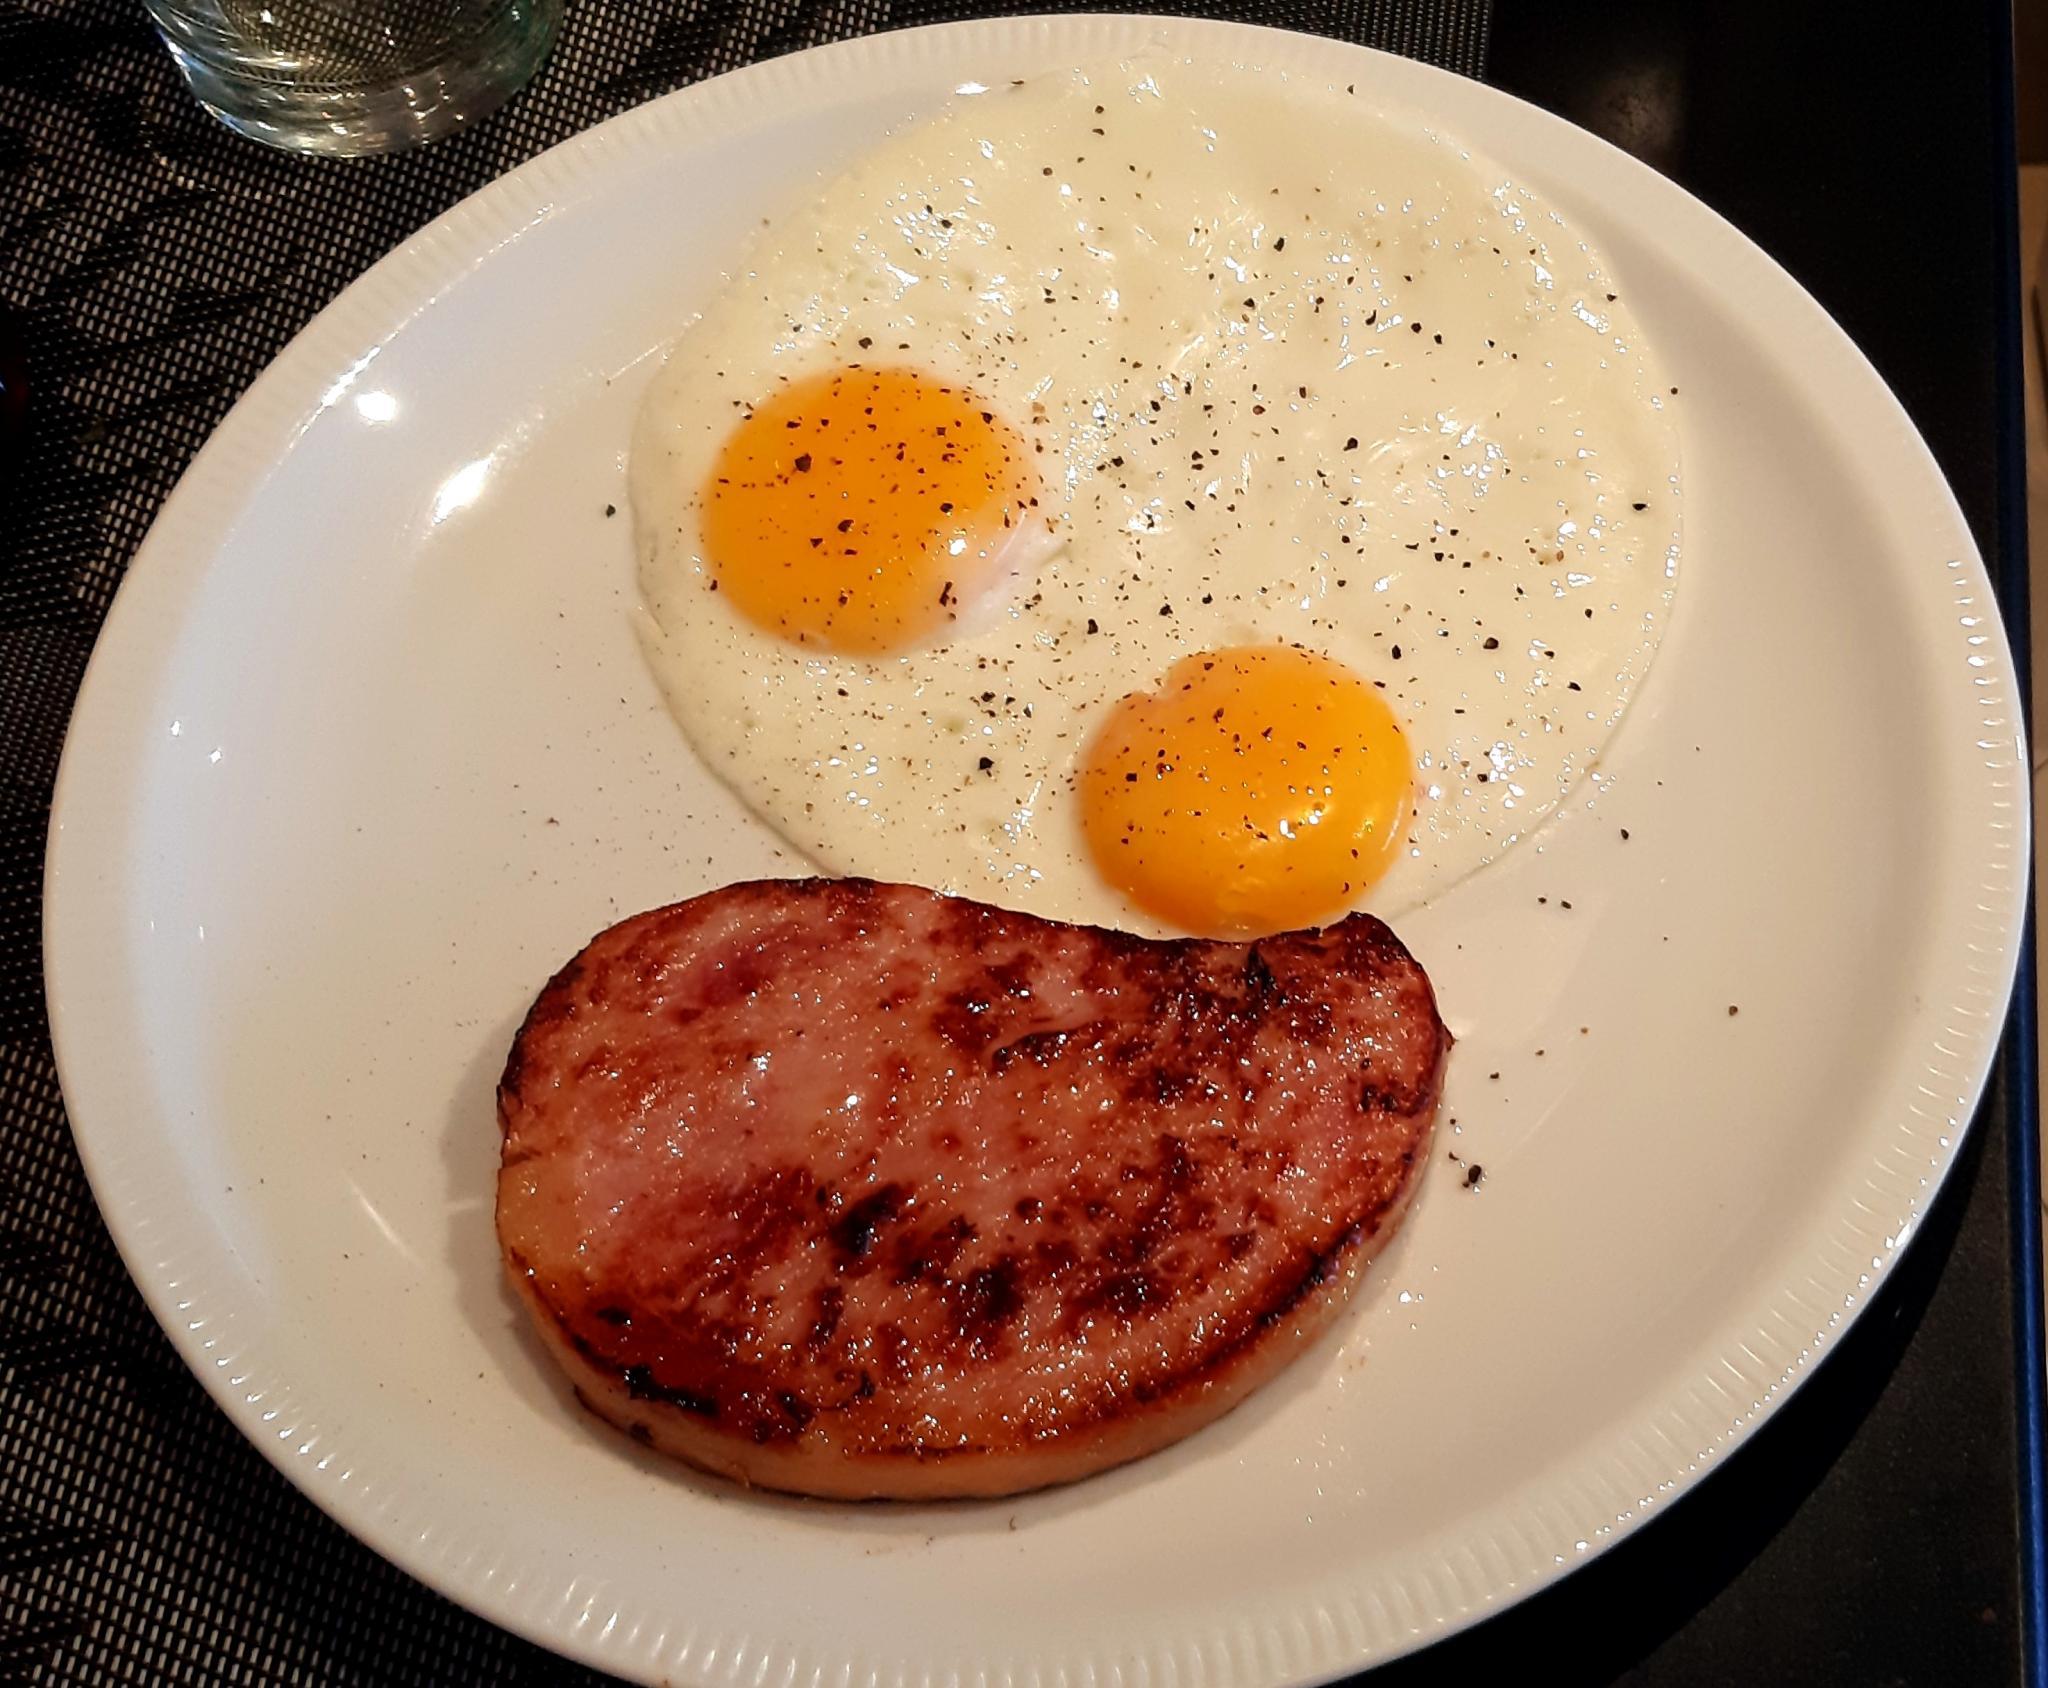 Breakfast-20200630_095049-jpg